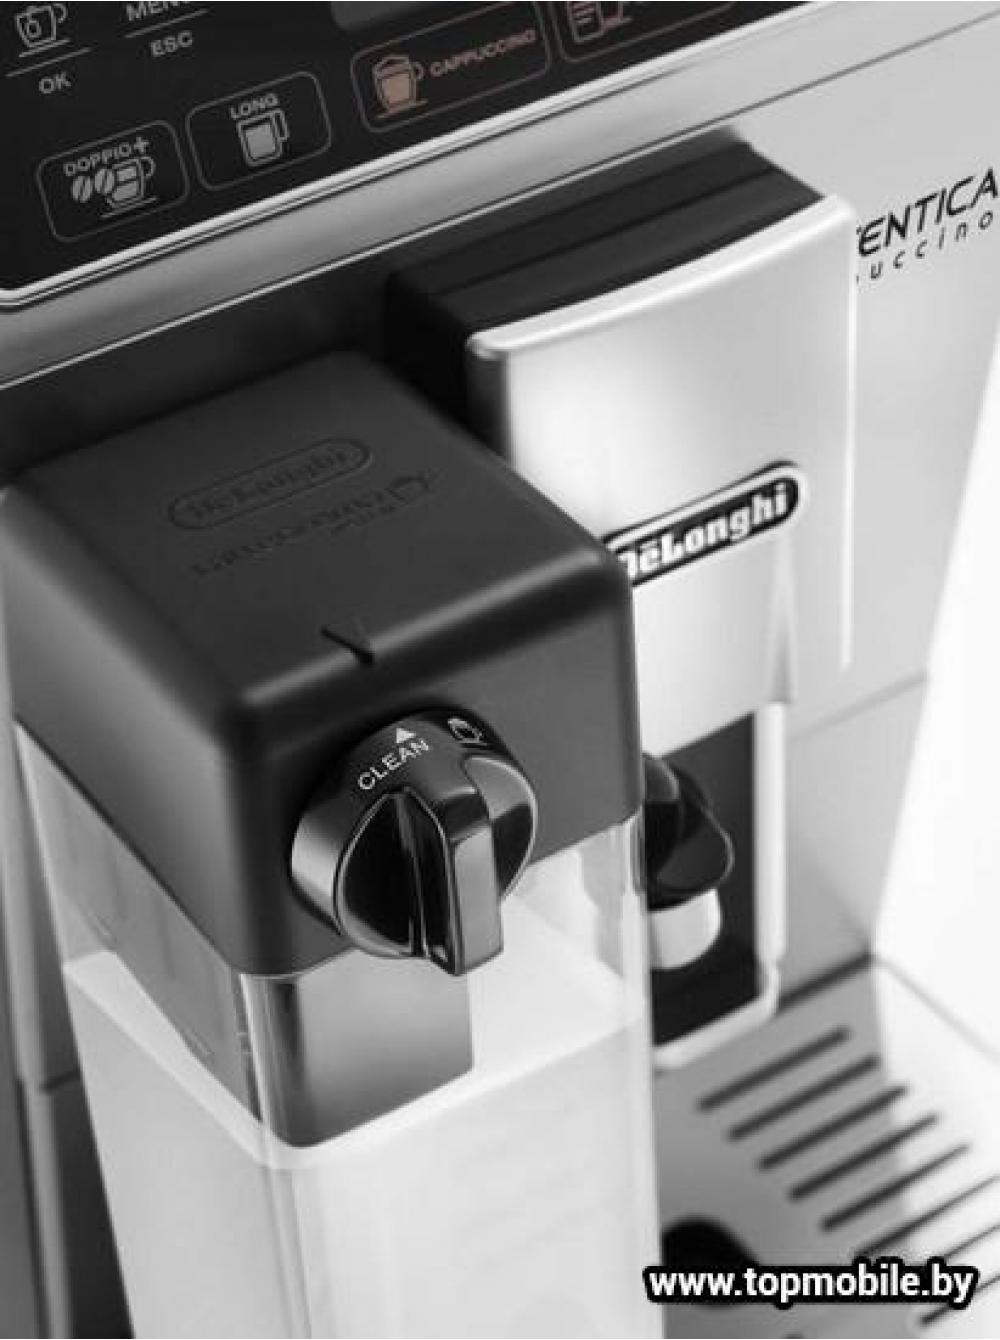 кофемашина Delonghi 29 660 купить